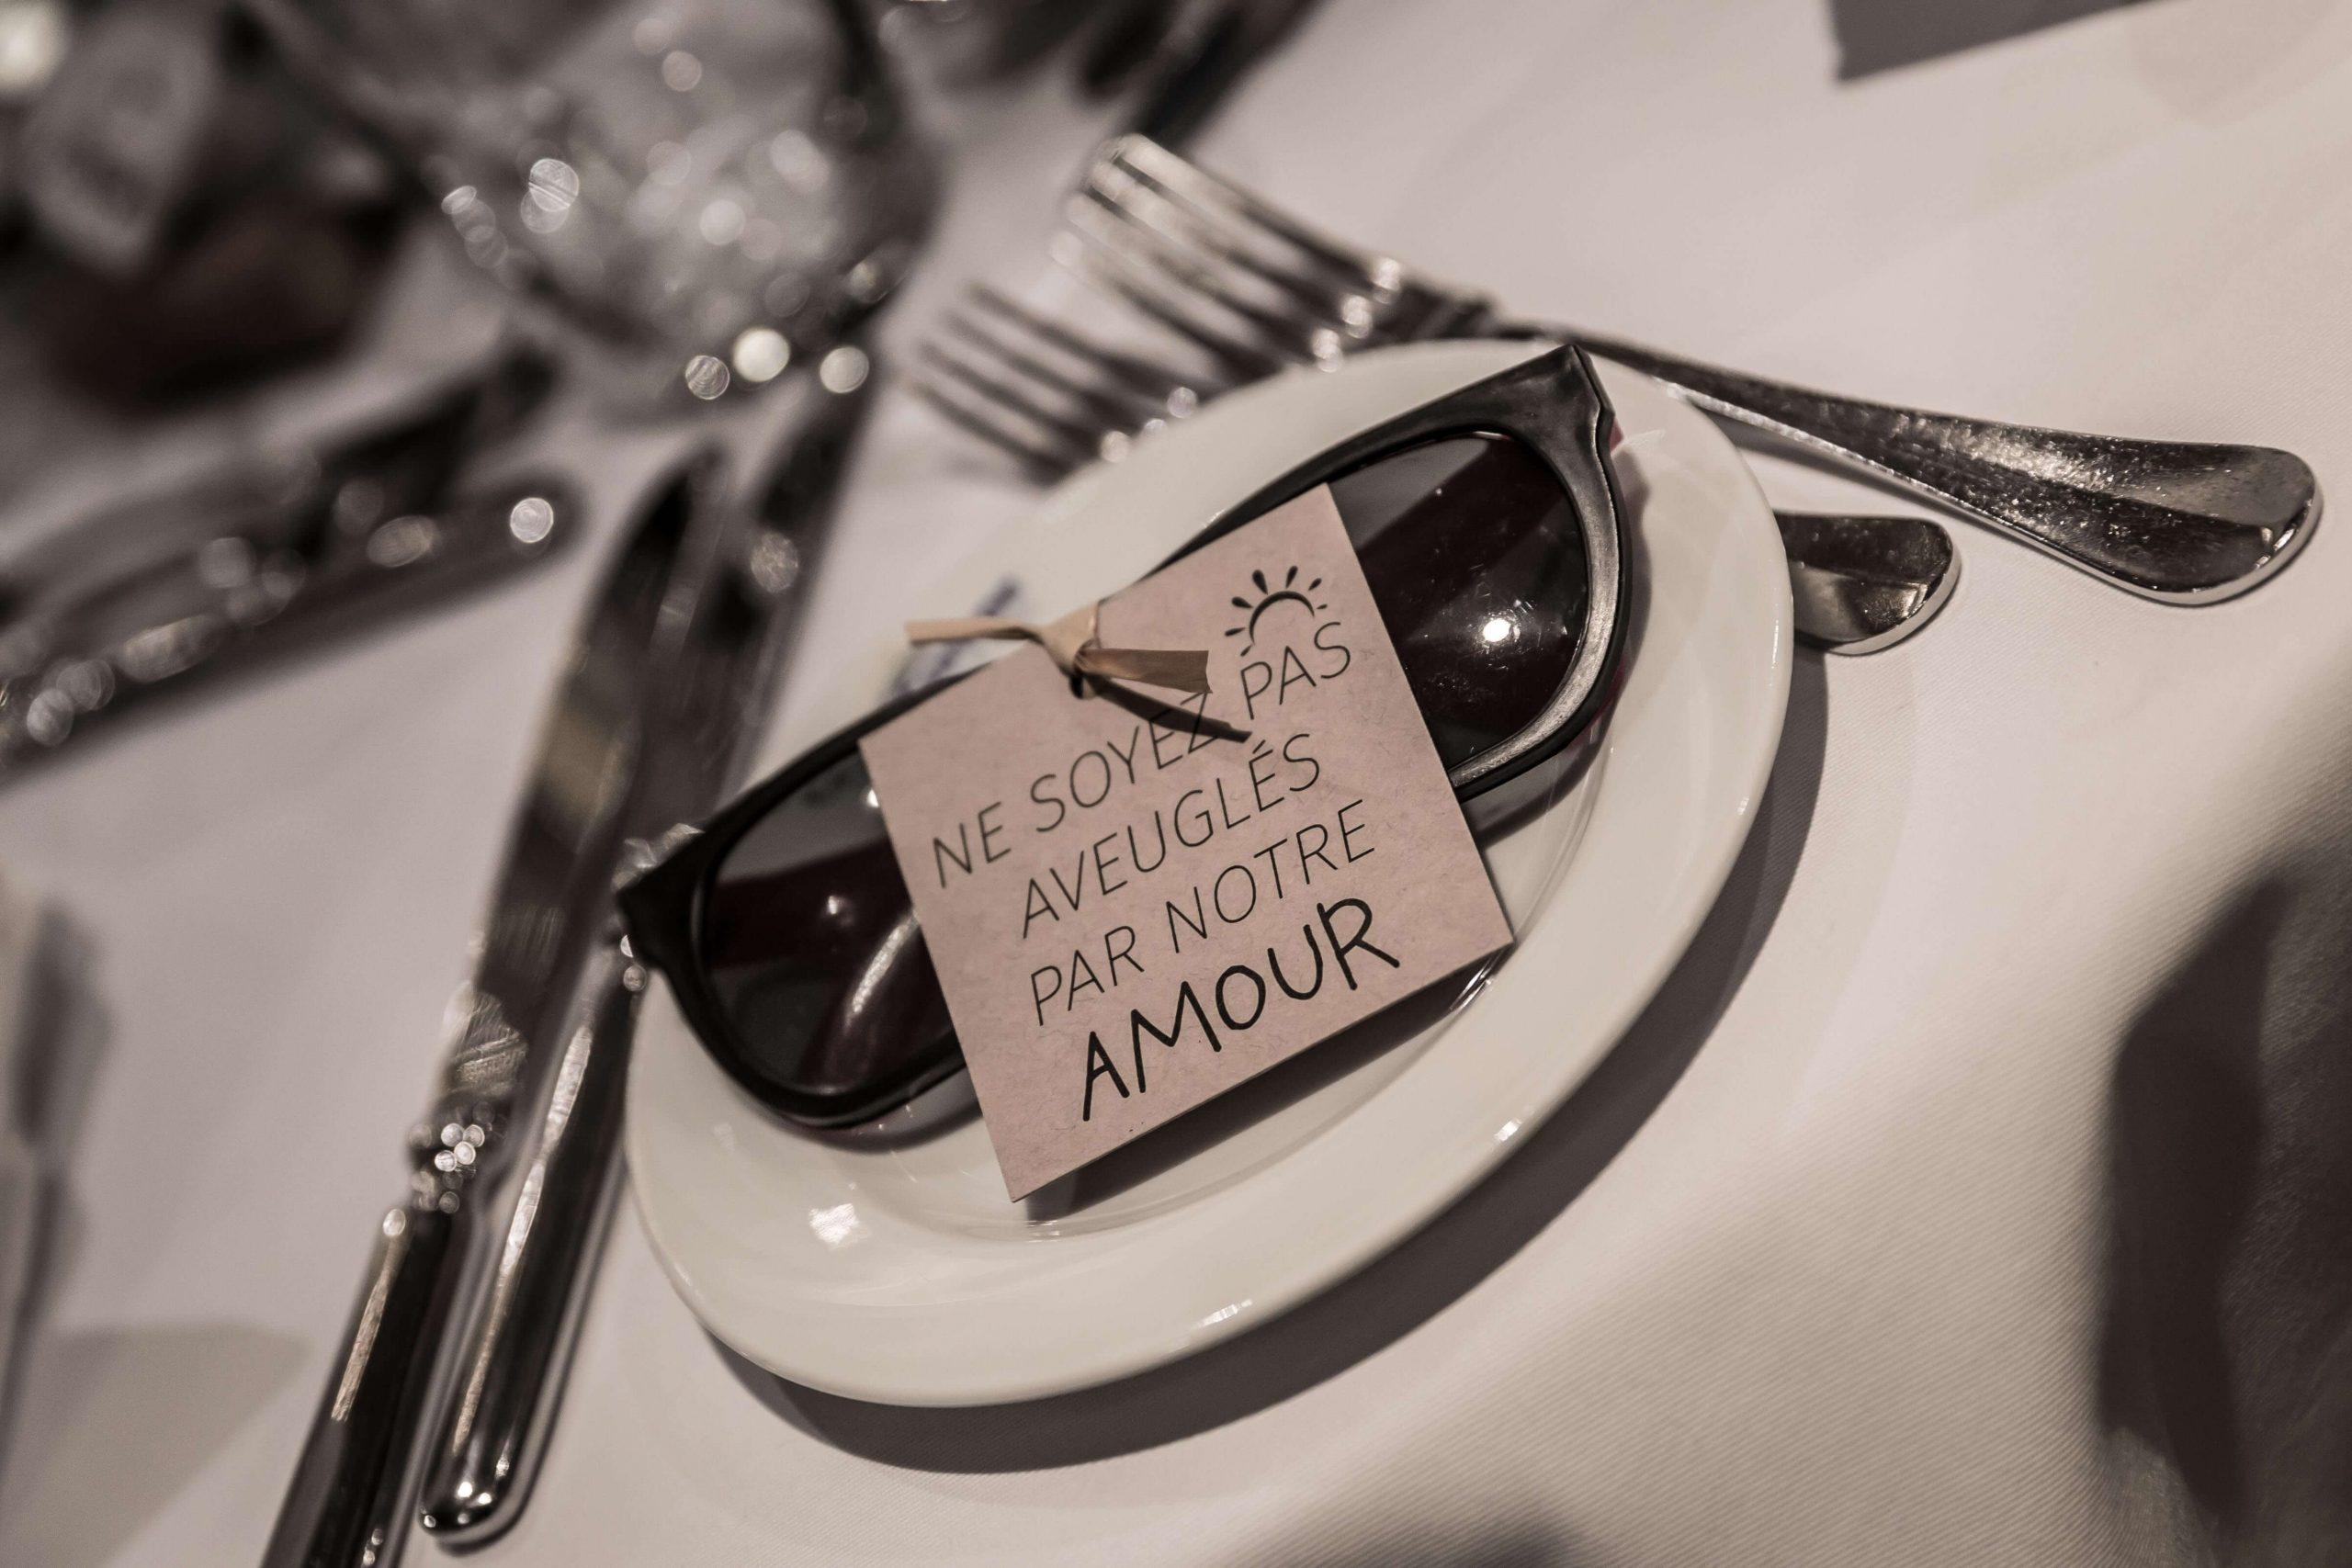 objets décoratif du mariage relatif à l'amour, une touche humoristique